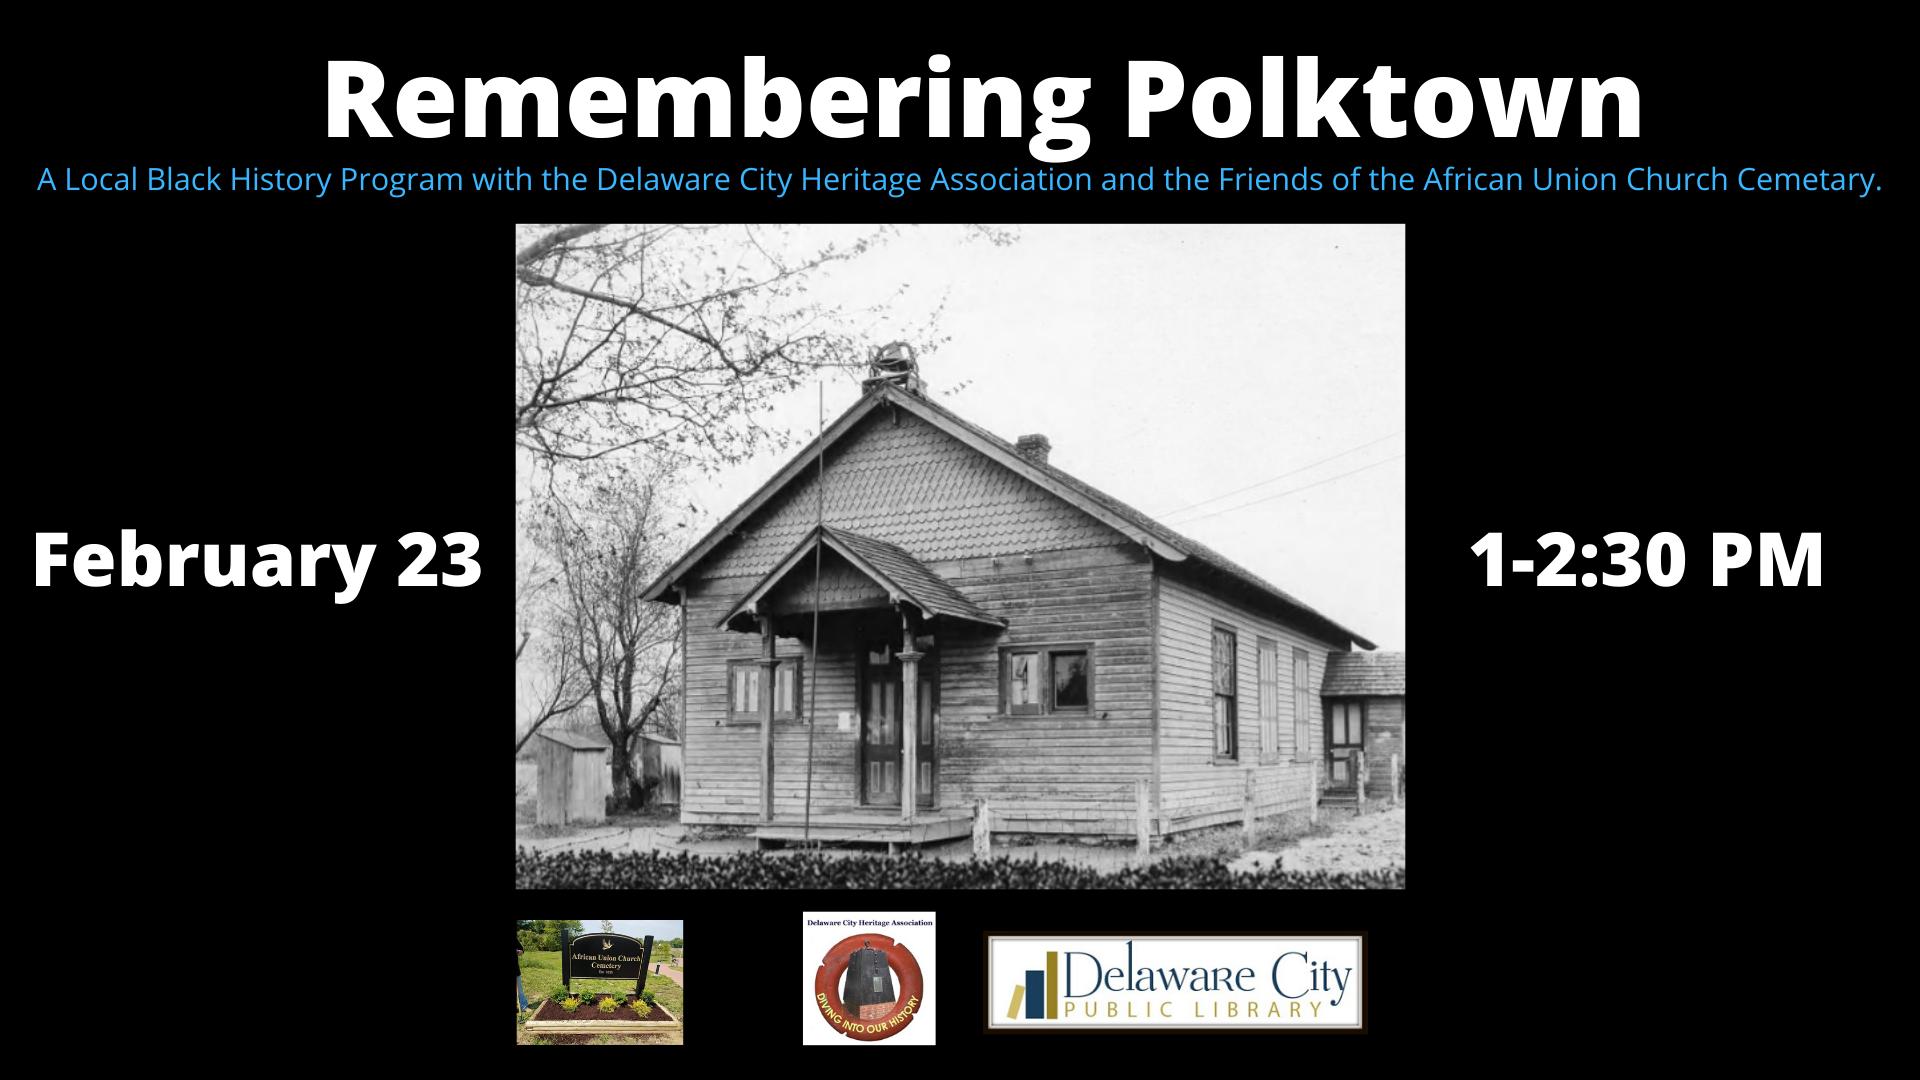 Remembering Polktown